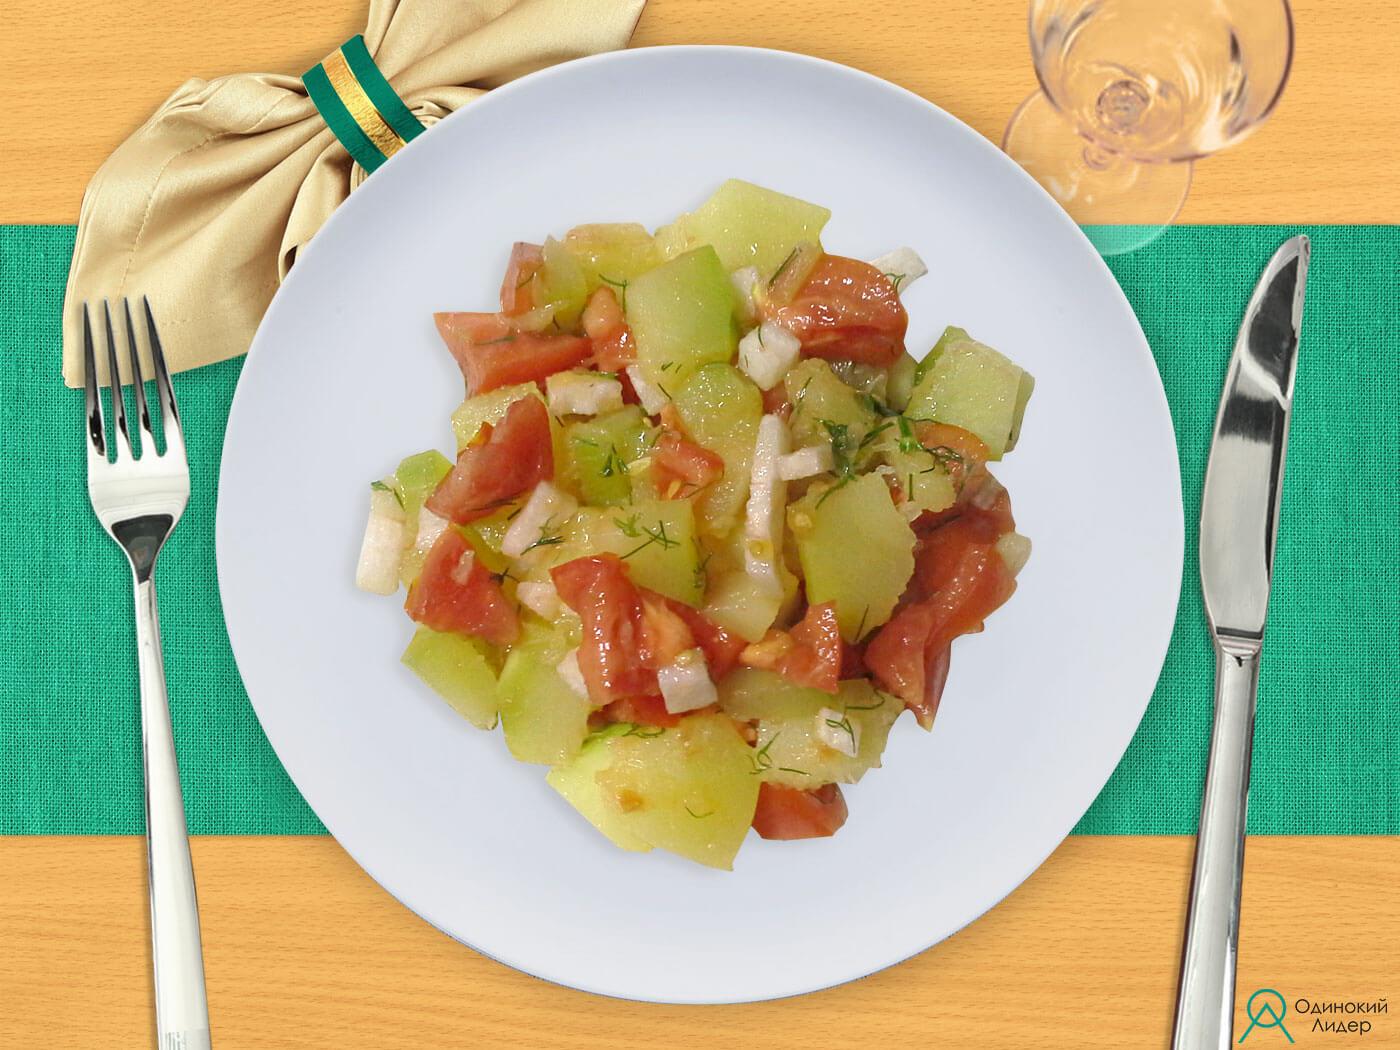 Тушеный кабачок со свежими овощами